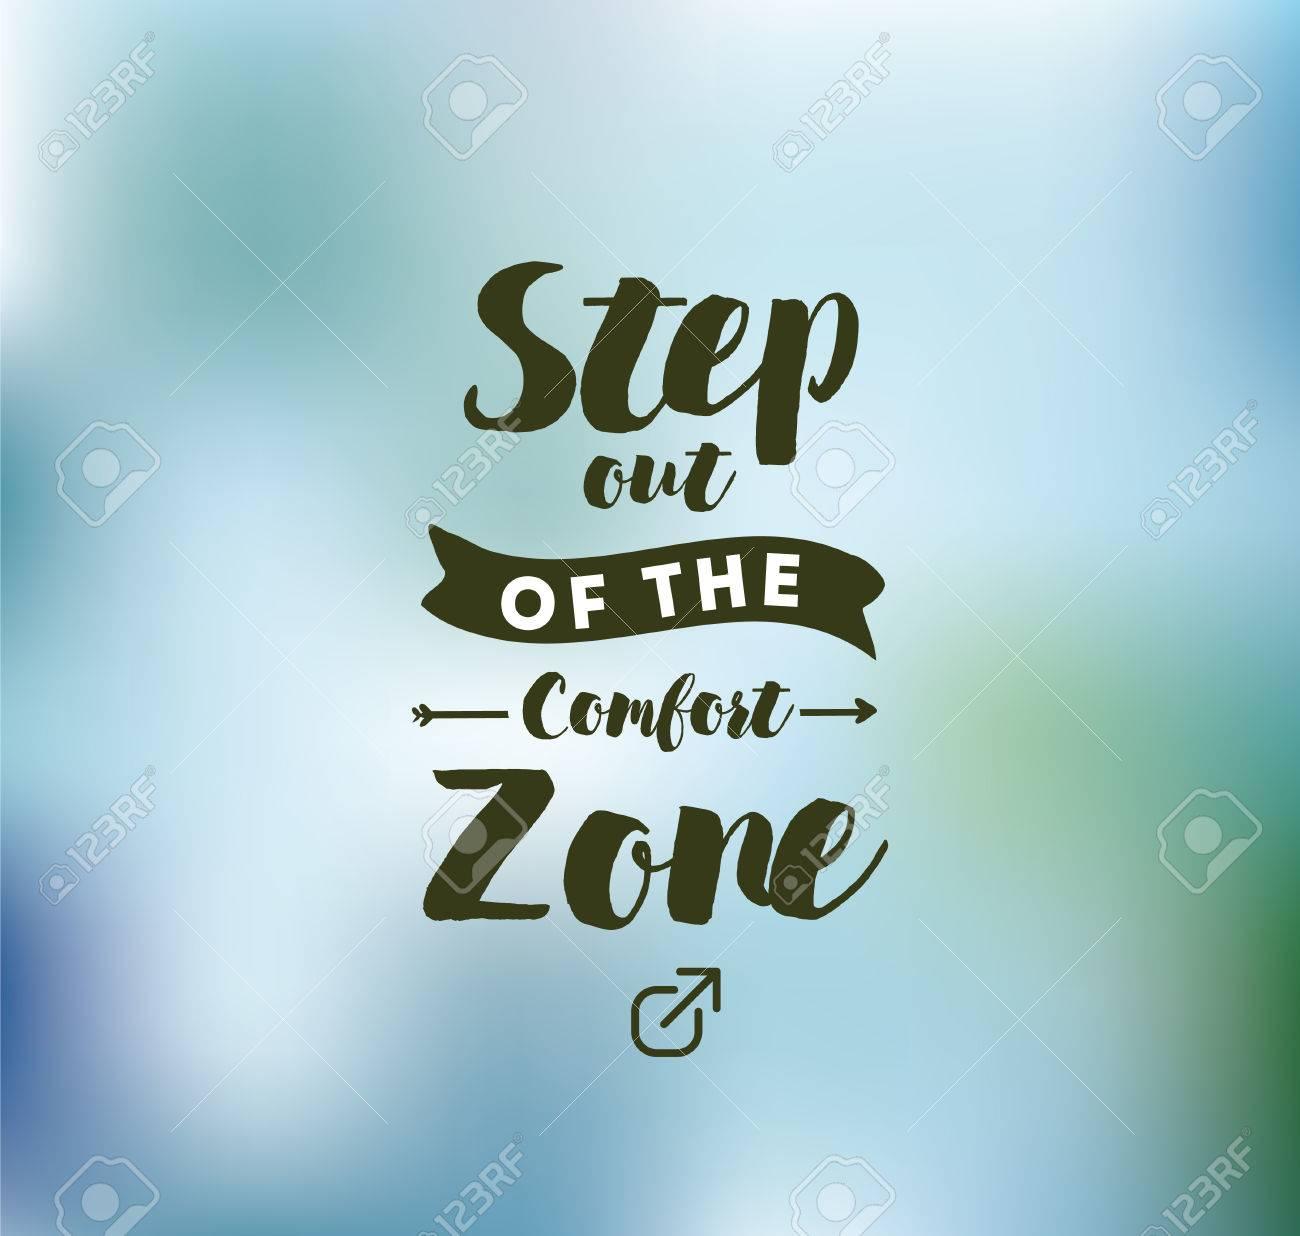 Al Salir De La Zona De Confort Cita Inspirada Motivación La Tipografía Para El Cartel Invitación Tarjeta De Felicitación O Una Camiseta